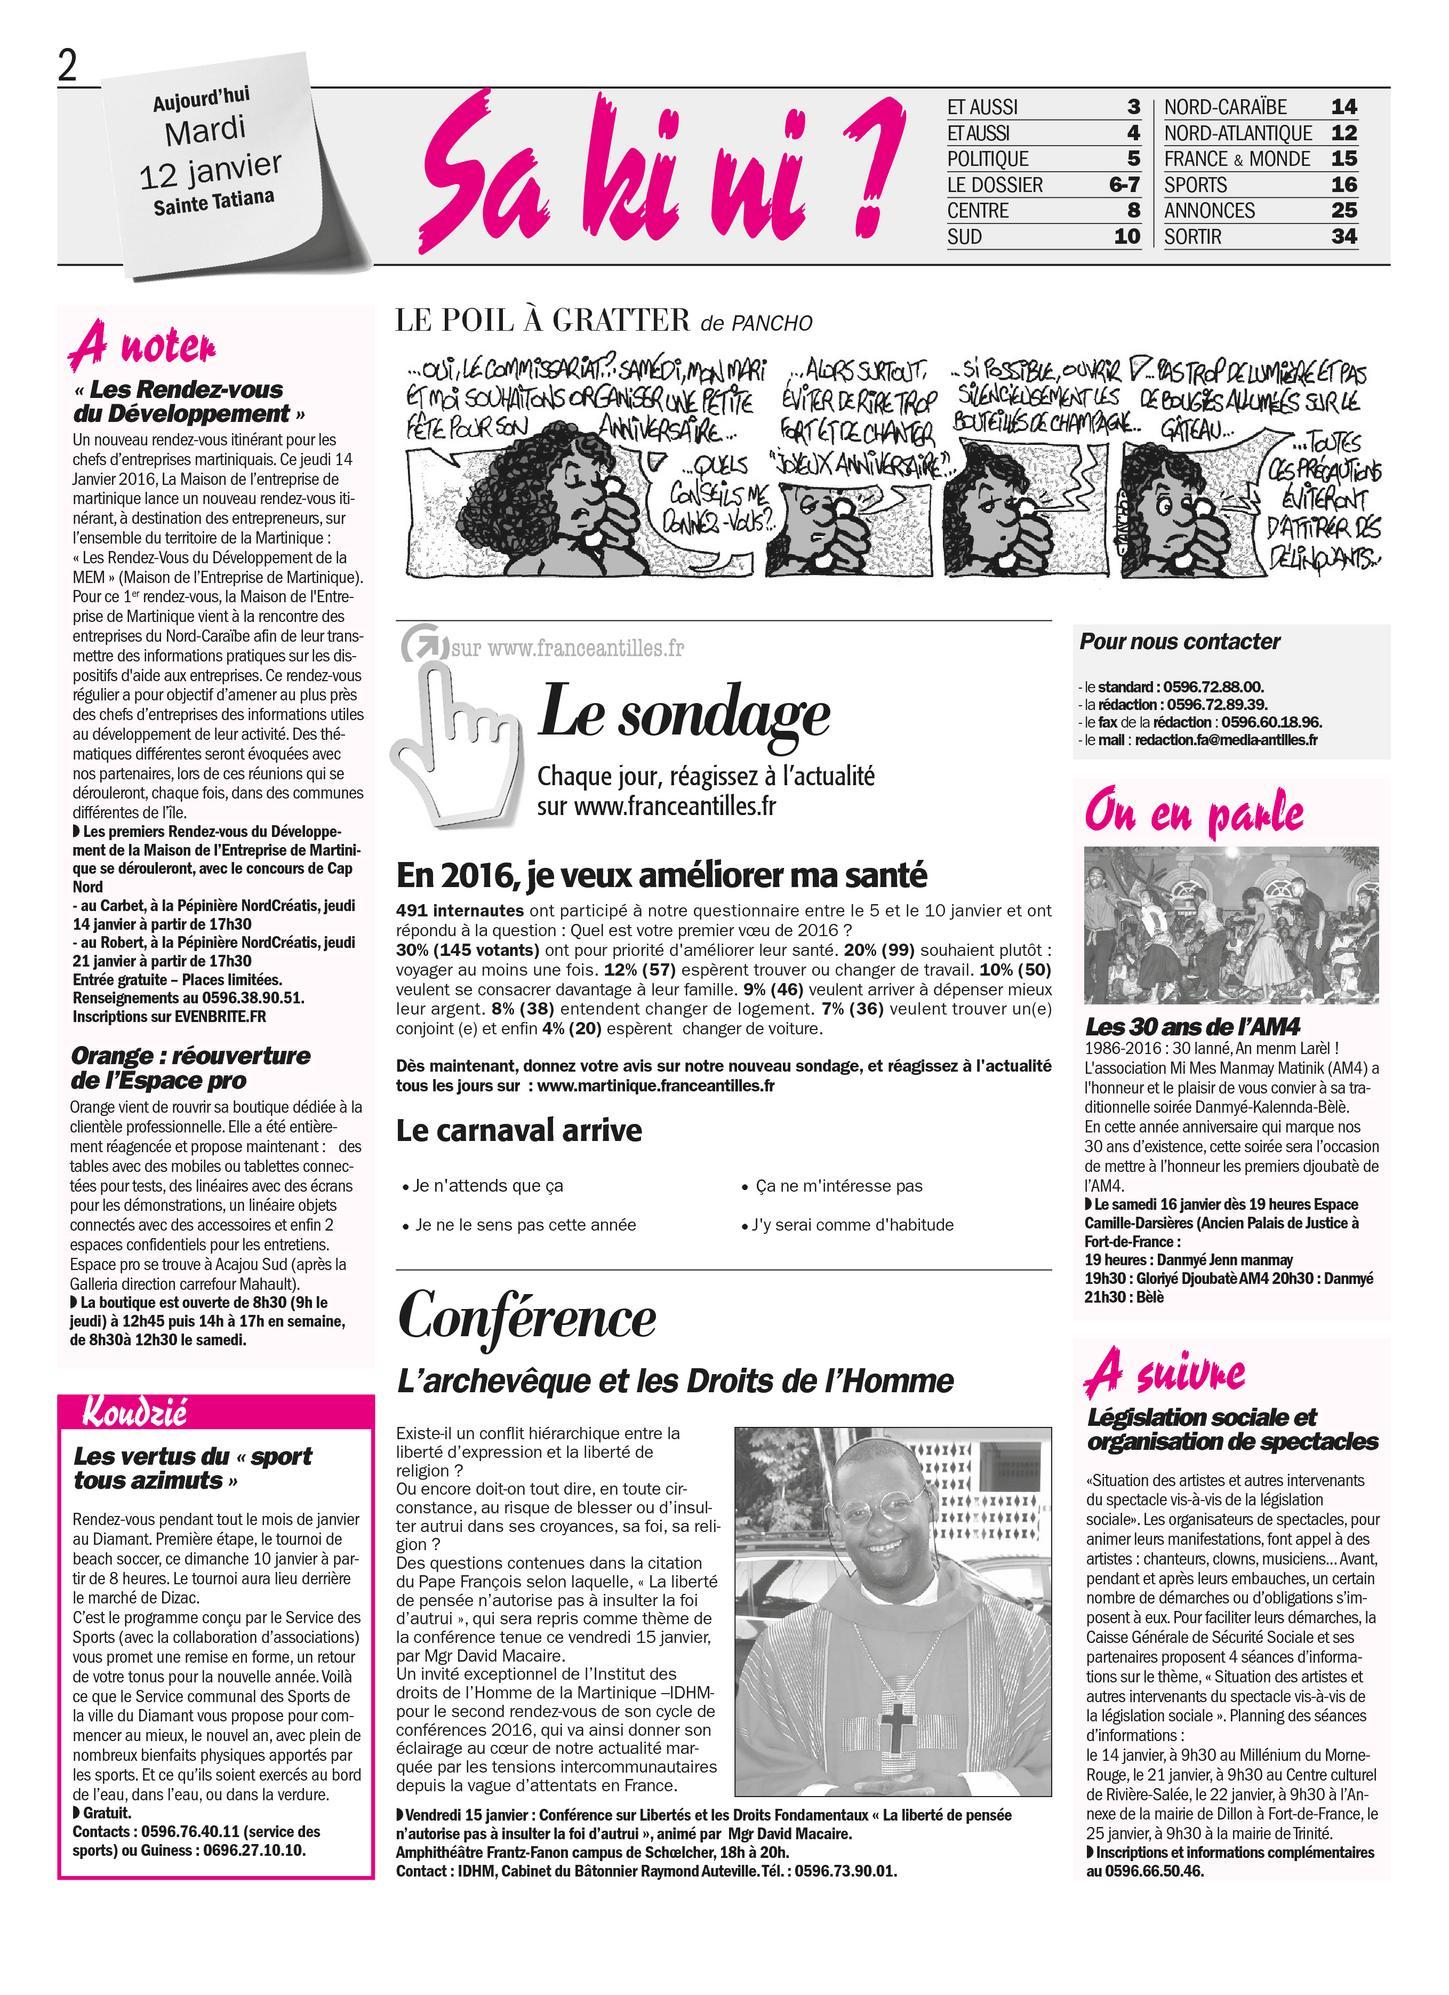 Journal Sa ki ni? du mardi 12 Janvier 2016